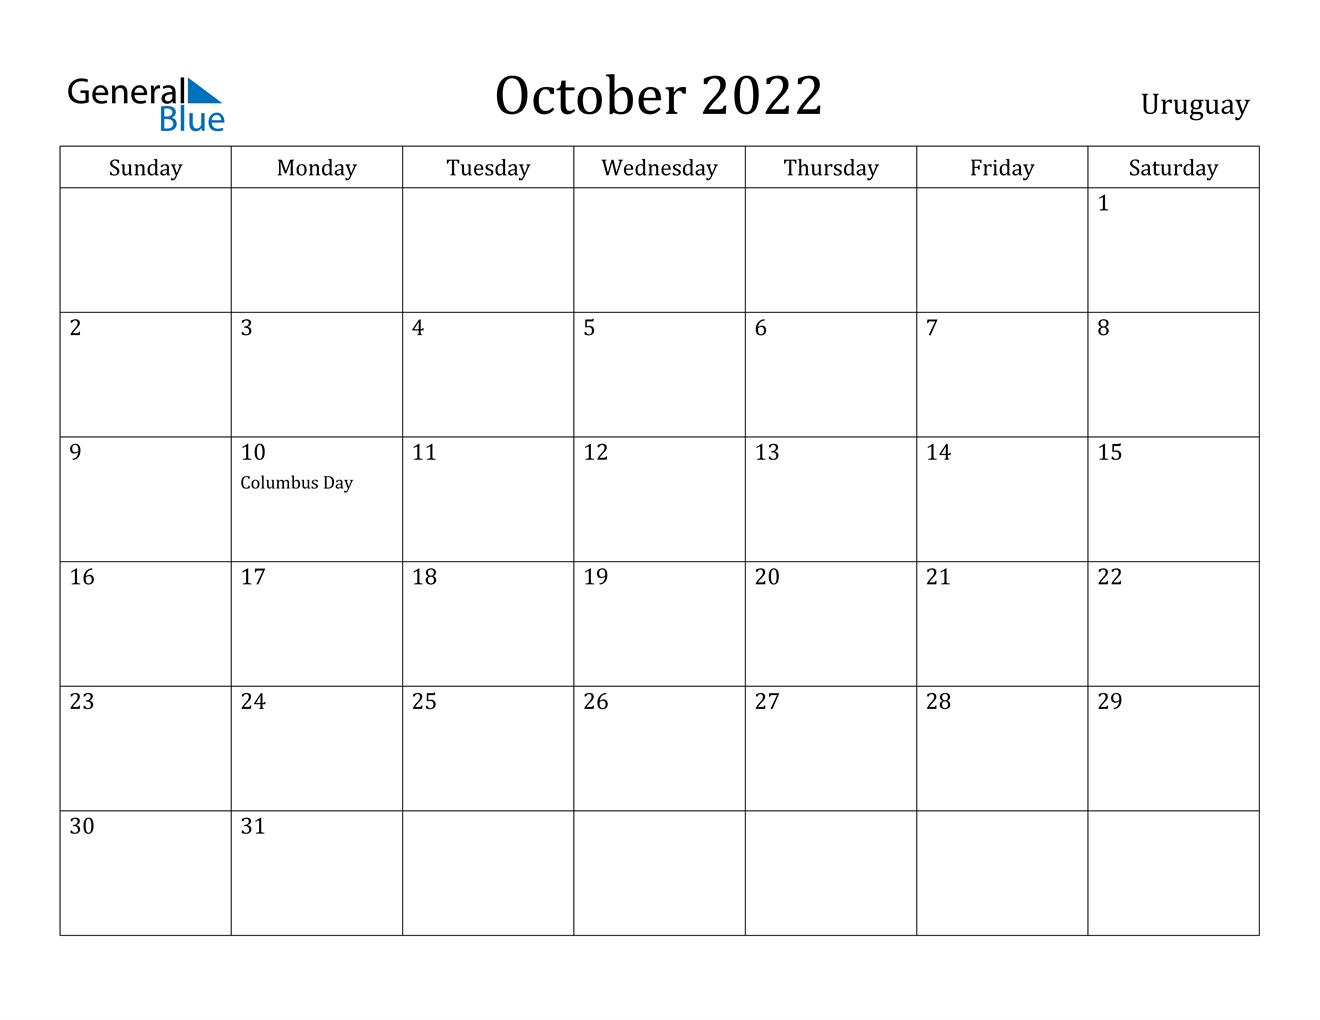 October 2022 Calendar - Uruguay